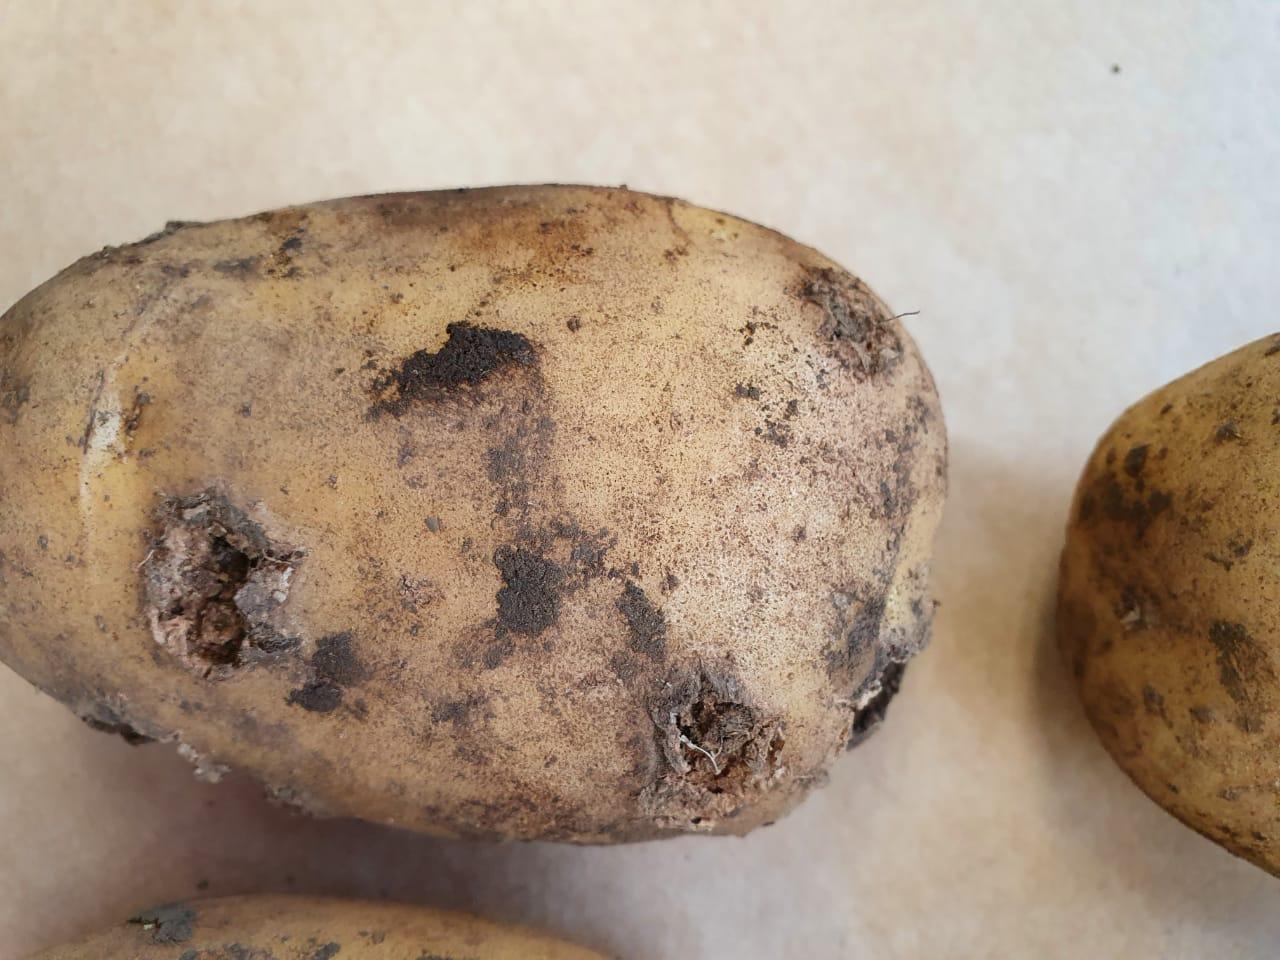 Sarna comum da batata em lavoura de São Francisco de Paula, RS / Potato Scab